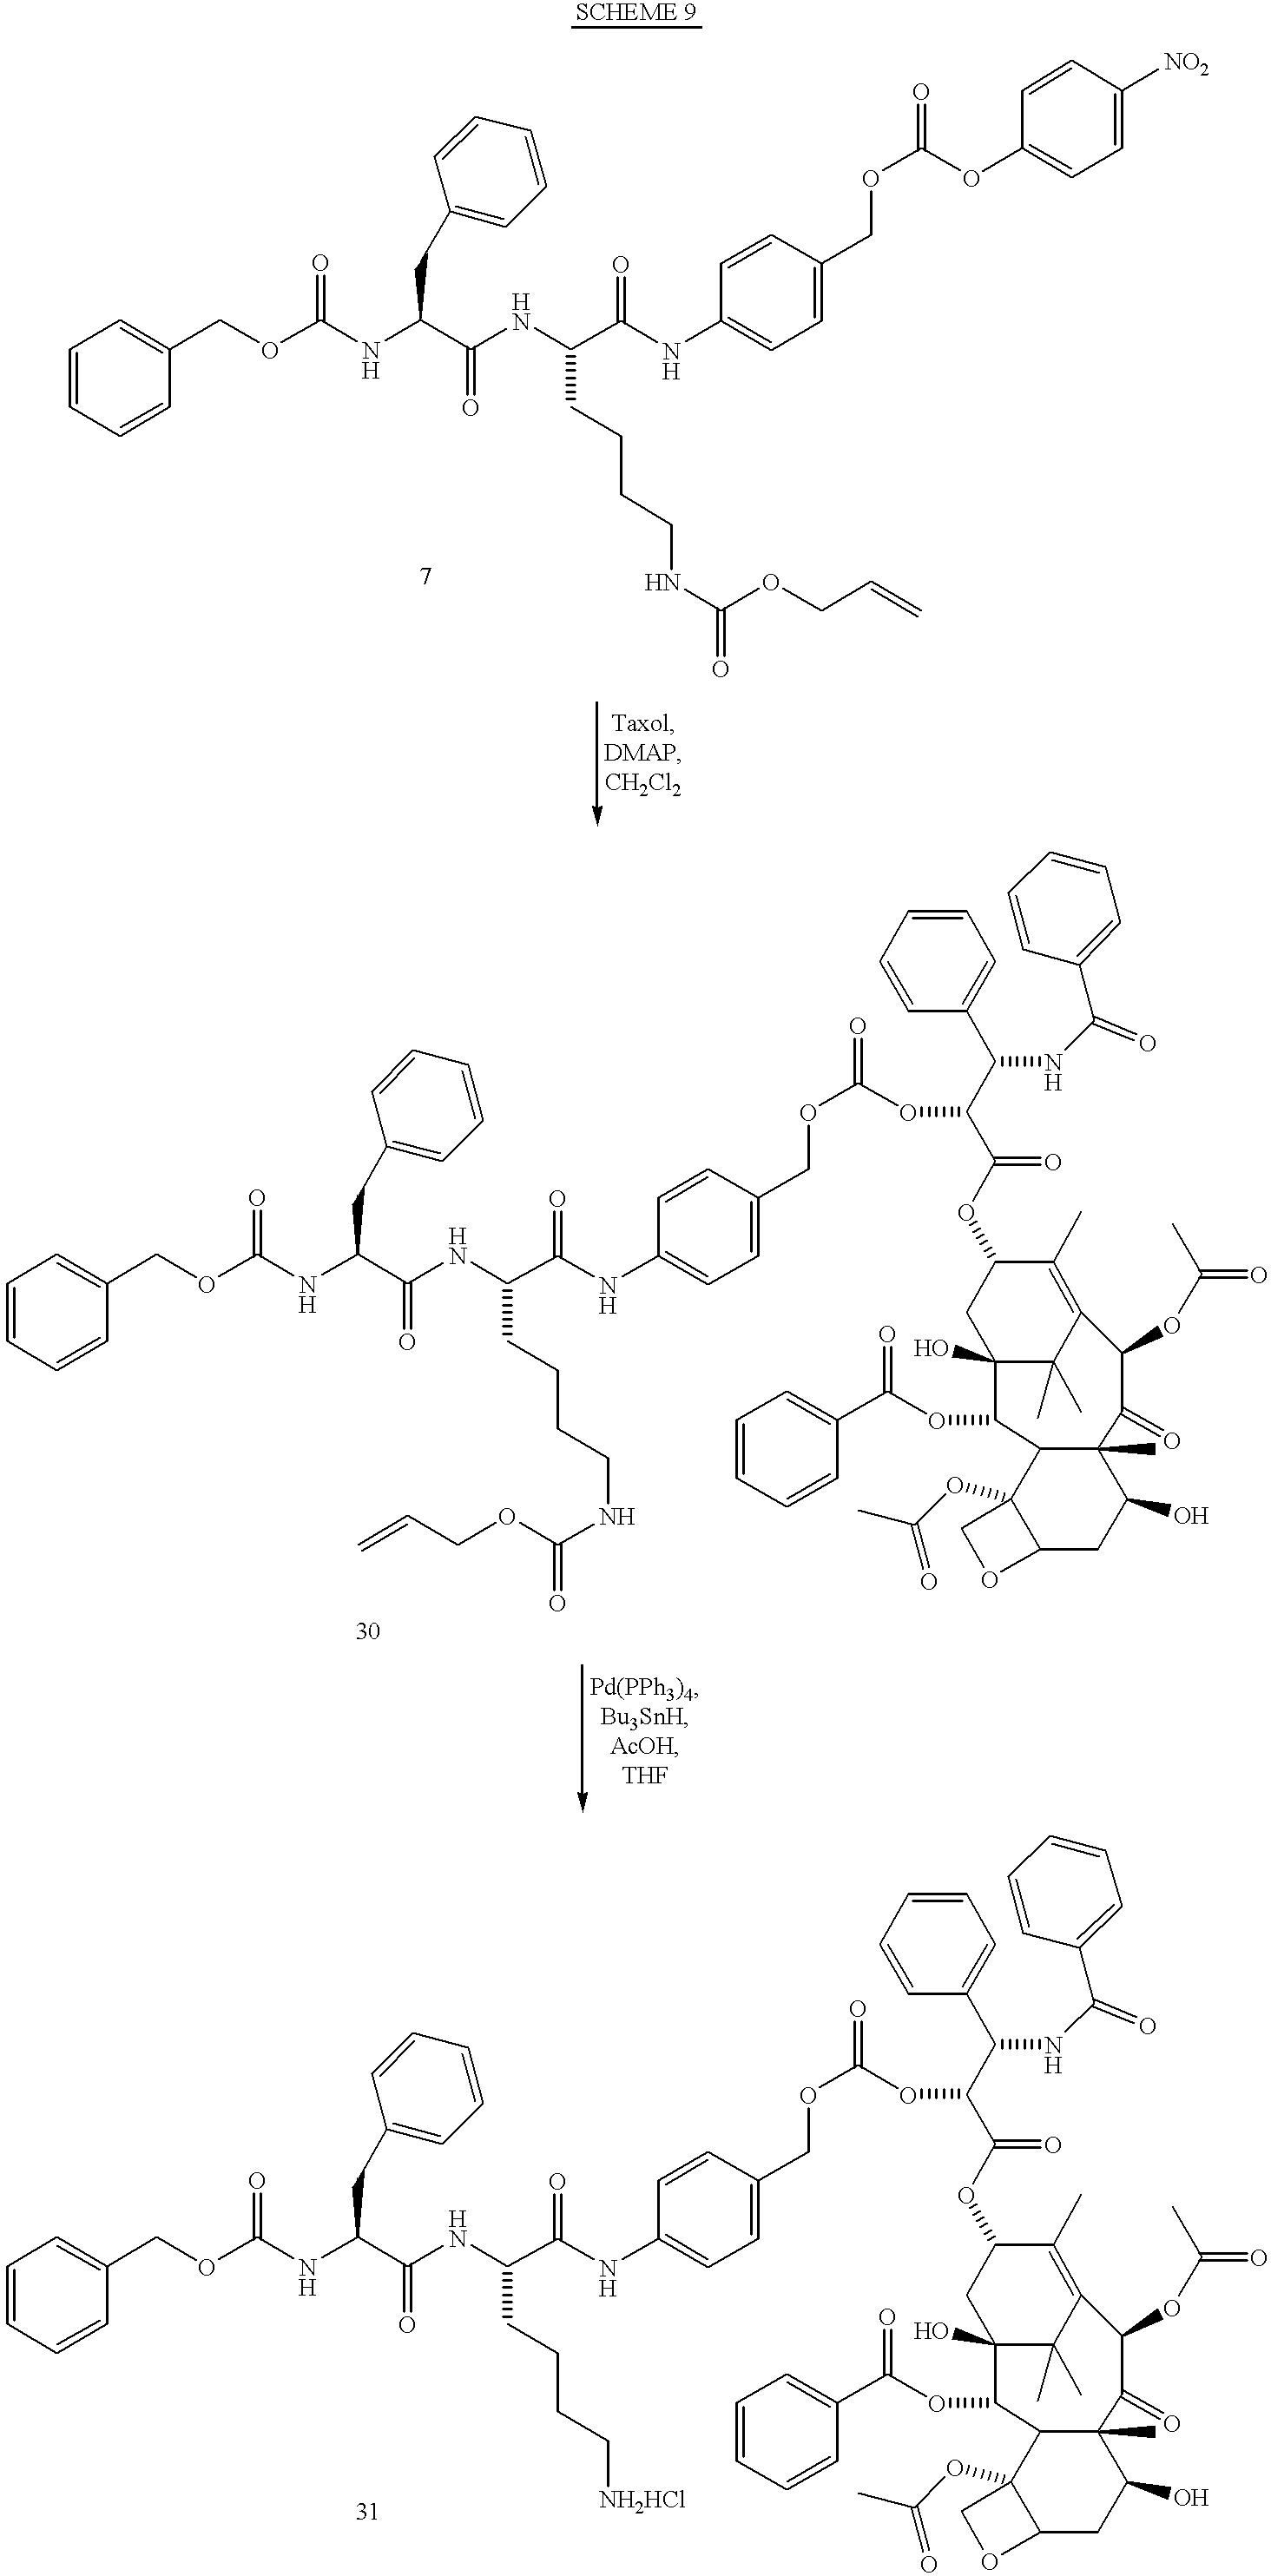 Figure US06214345-20010410-C00048